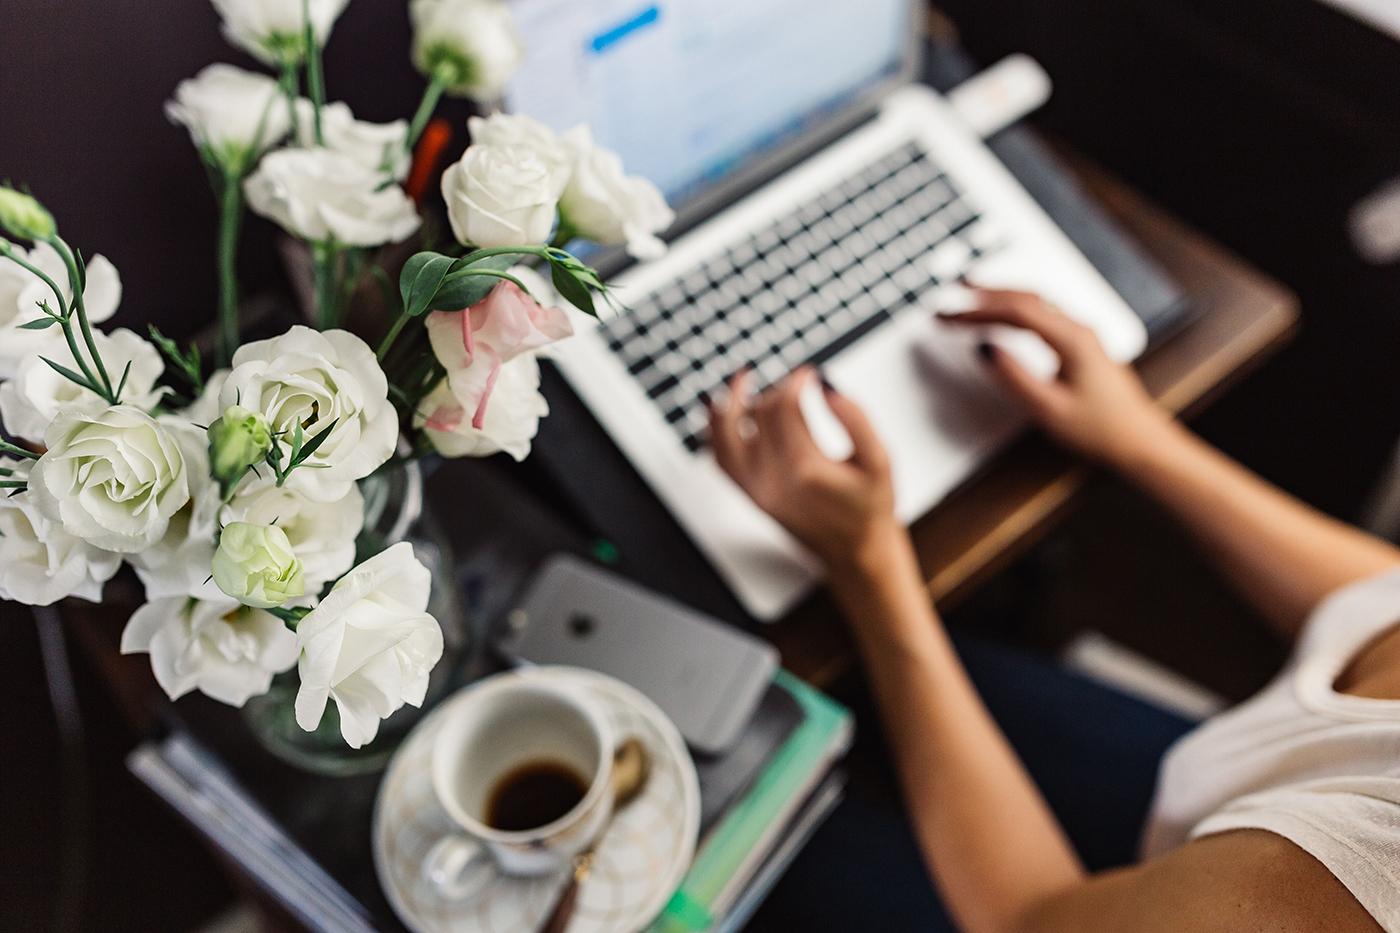 Woman working on laptop near flowers